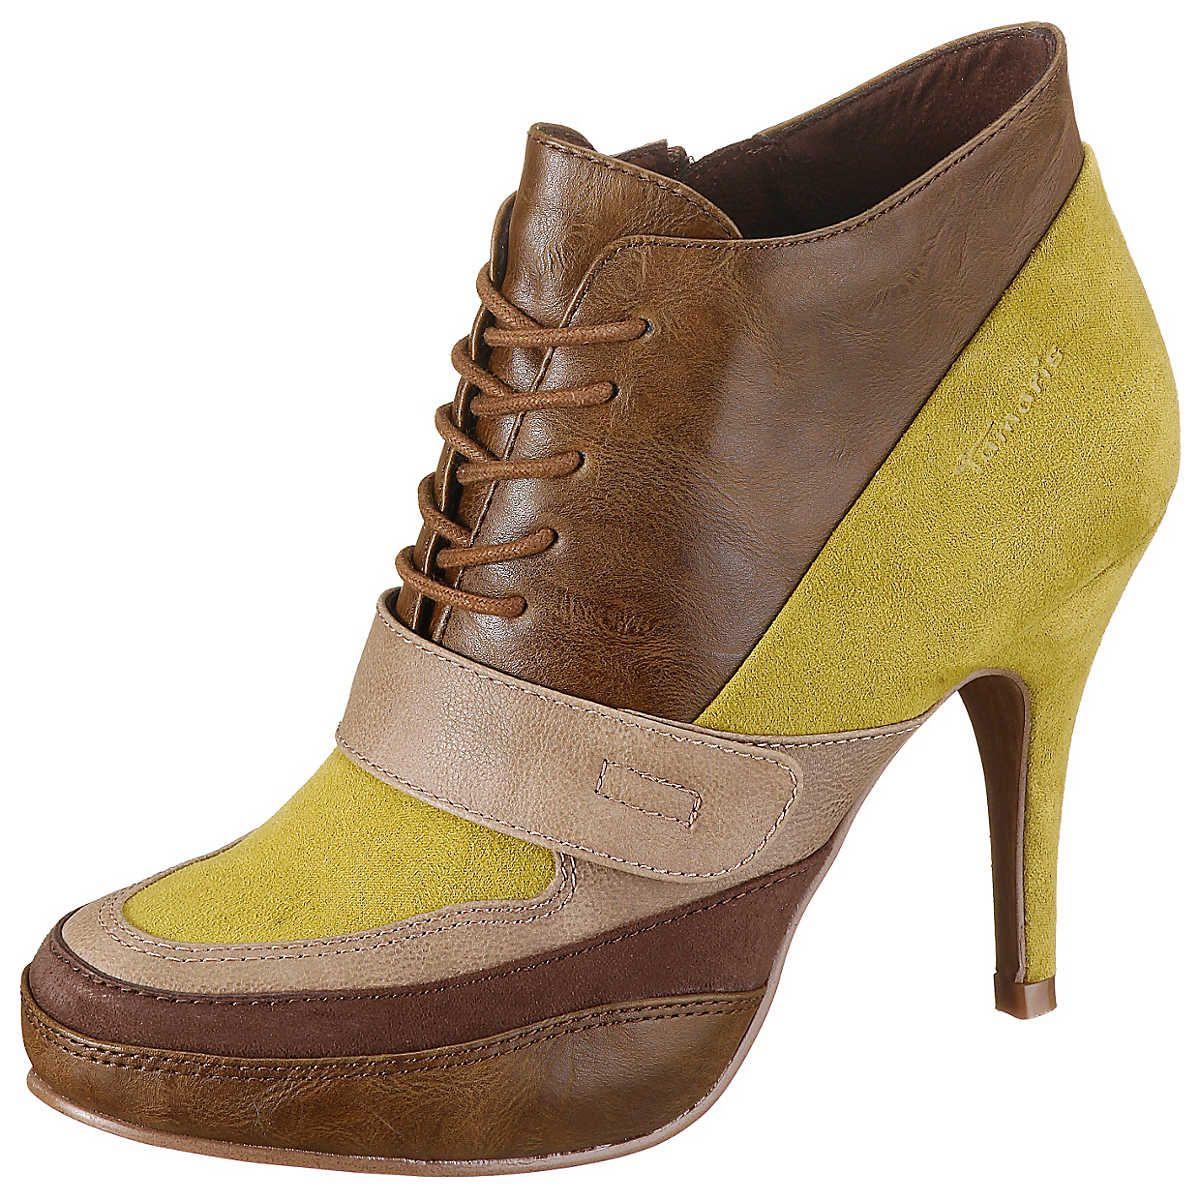 Tamaris Stiefeletten | Tamaris schuhe, Schuhe und Stiefeletten